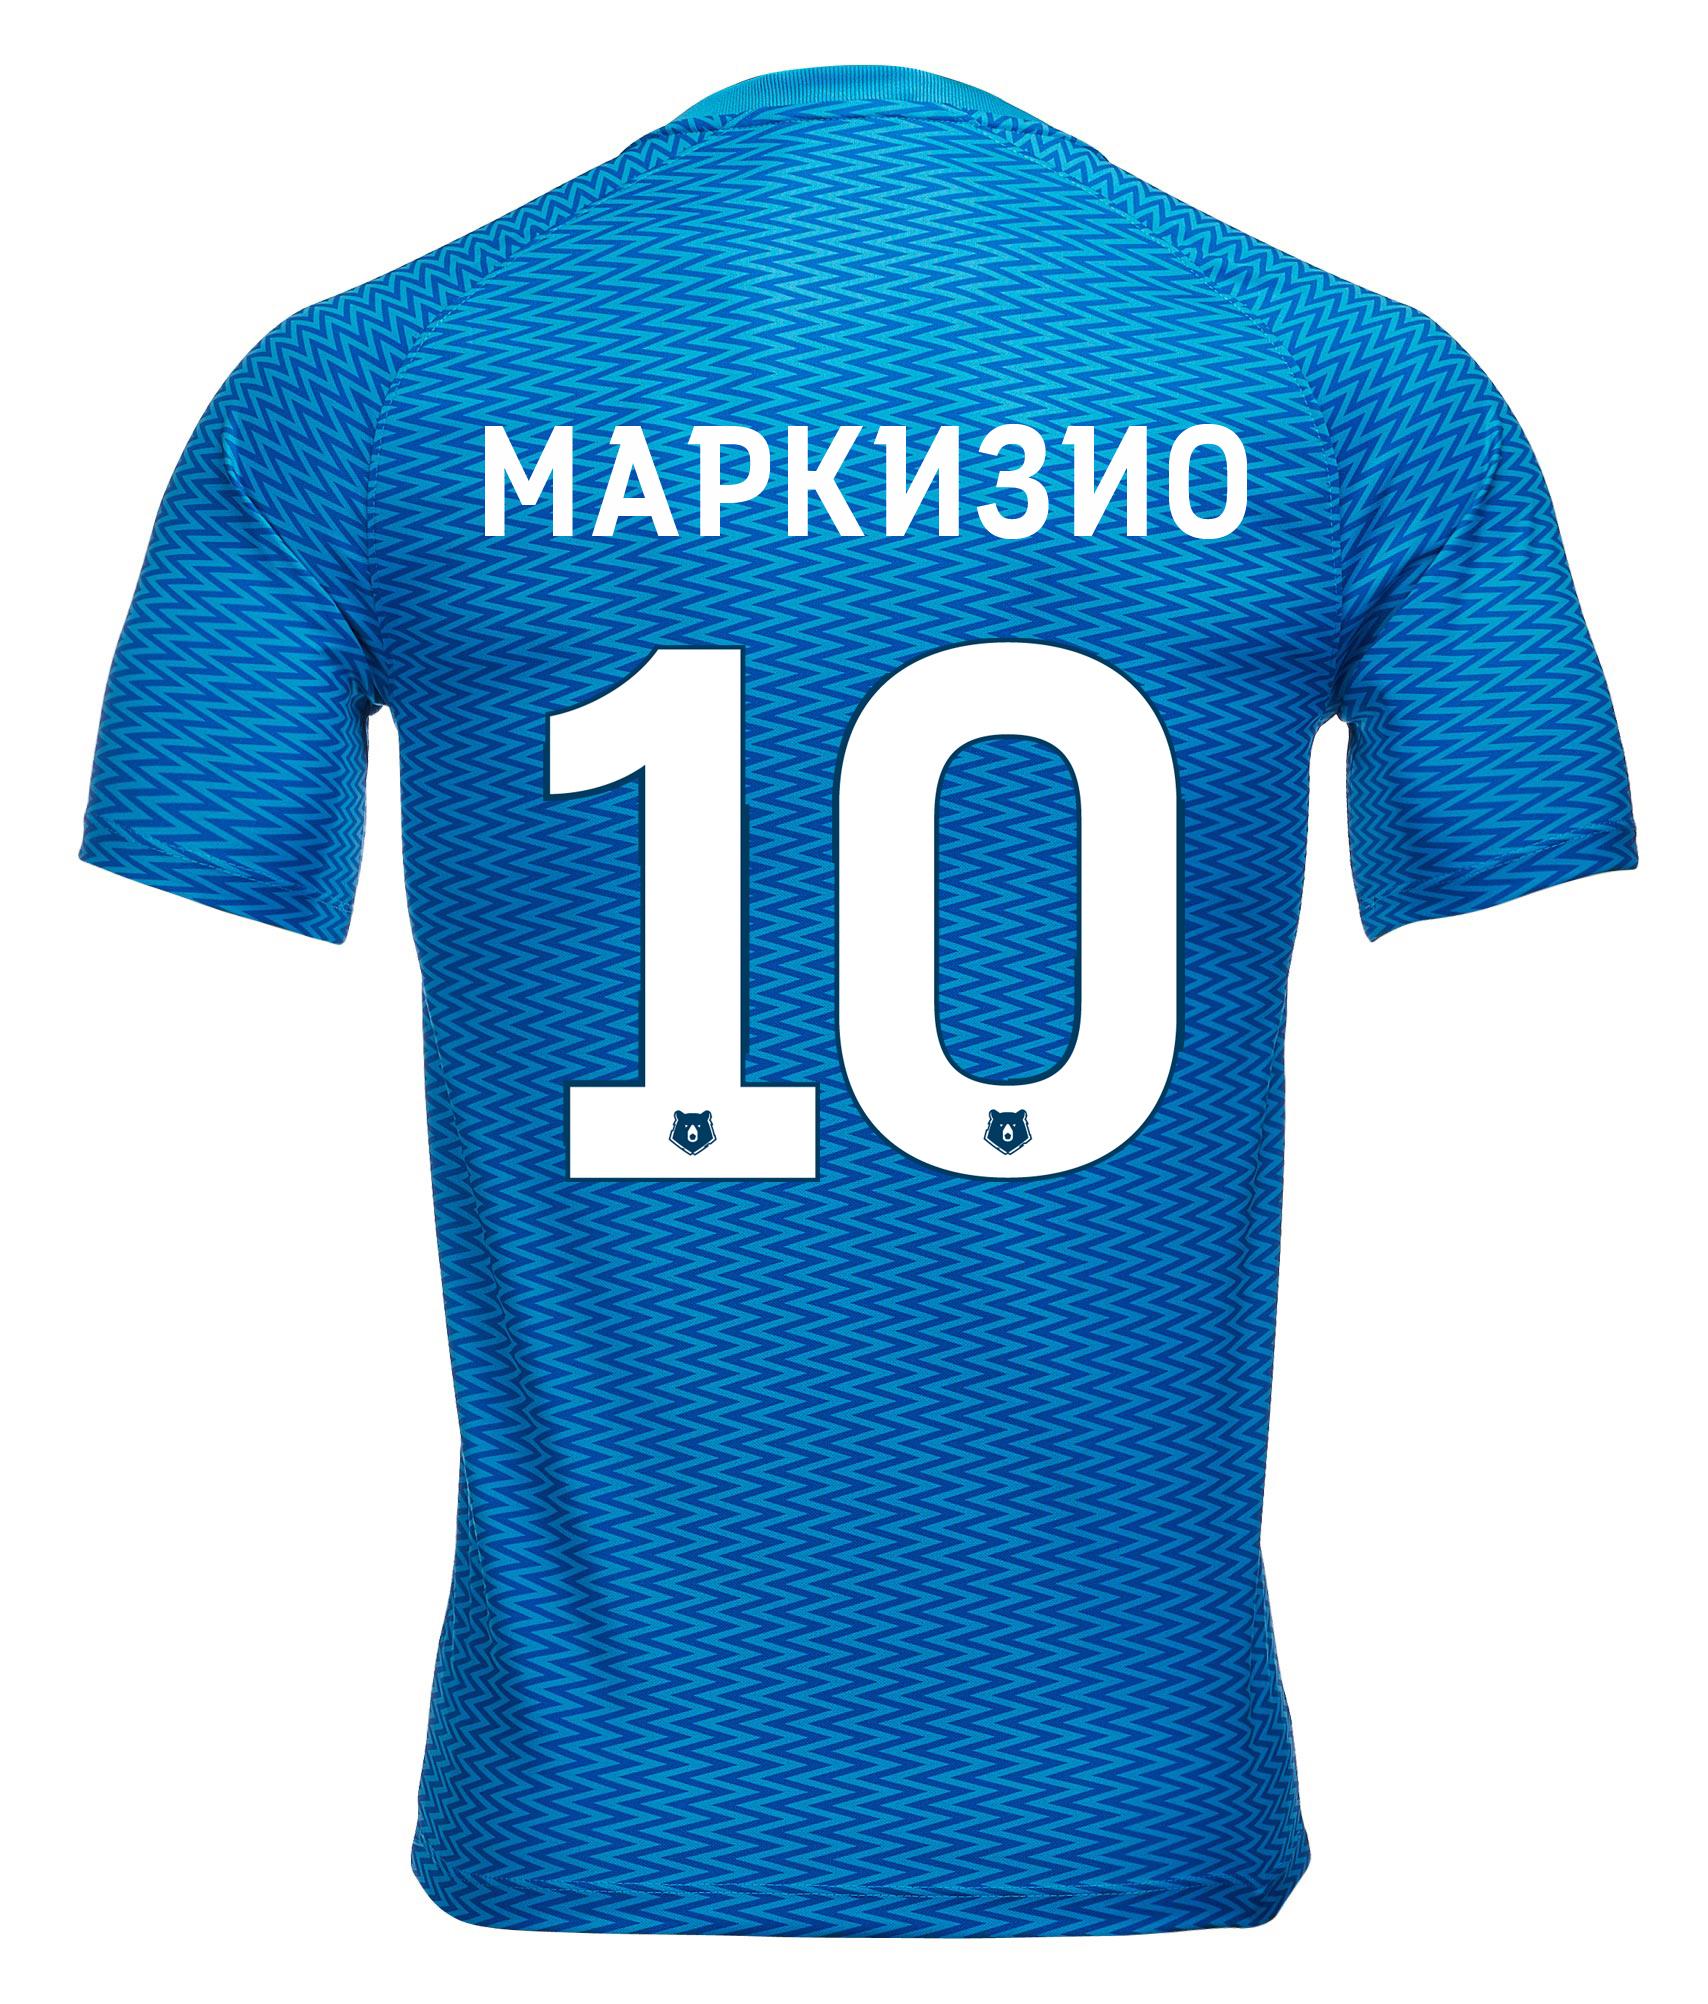 домашней игровой футболки Маркизио 2018/19 Nike